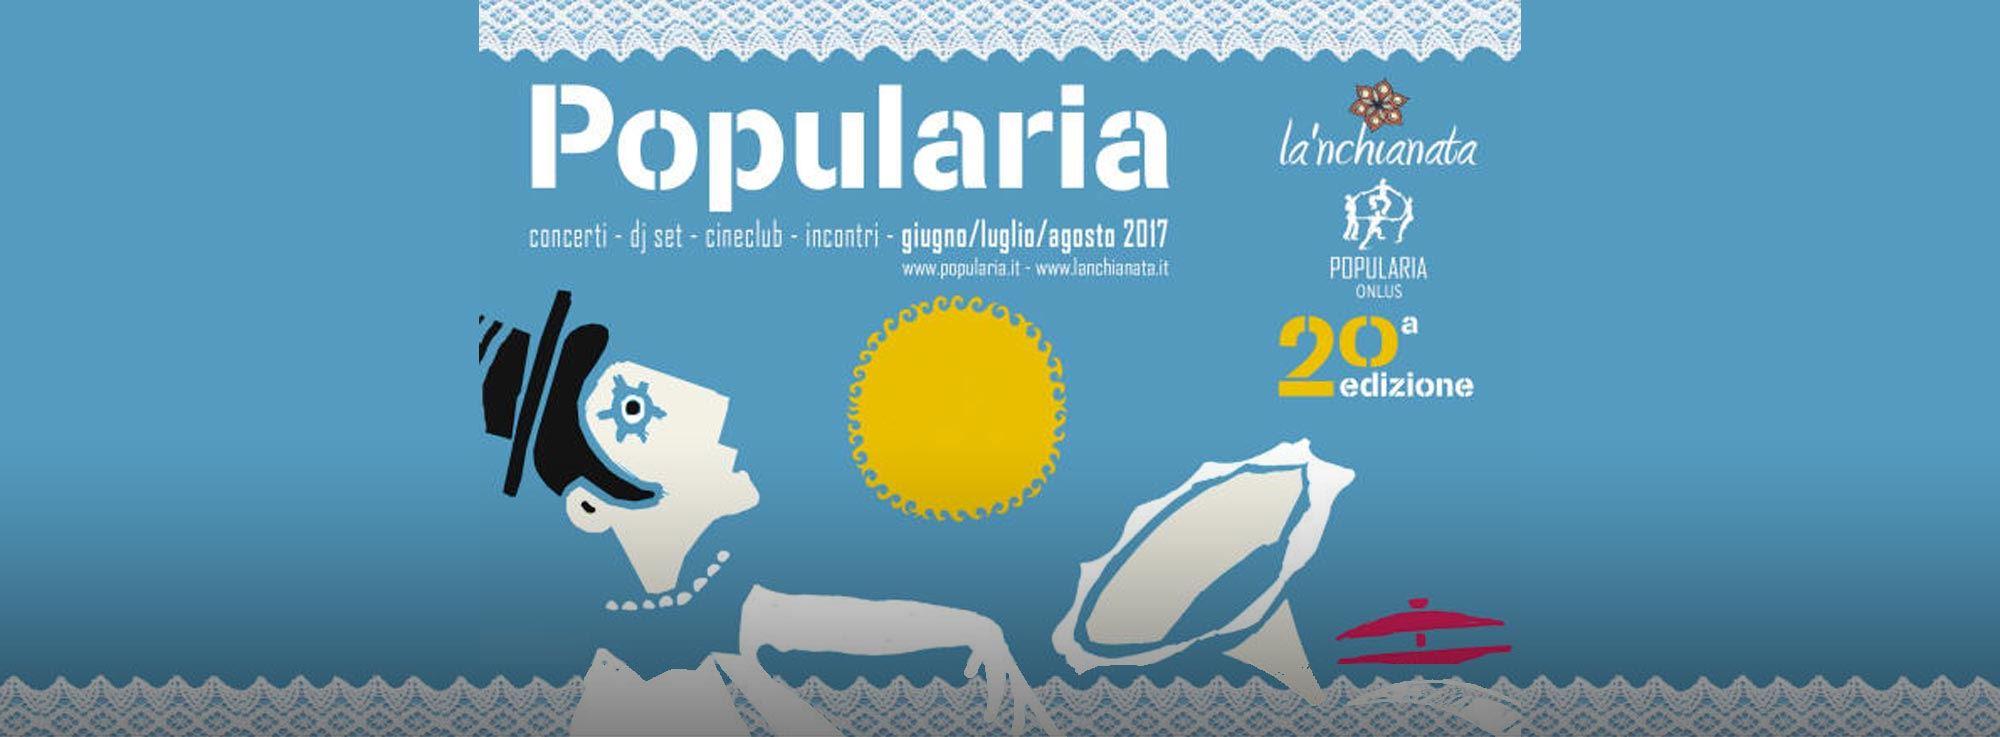 Torricella: Popularia Festival